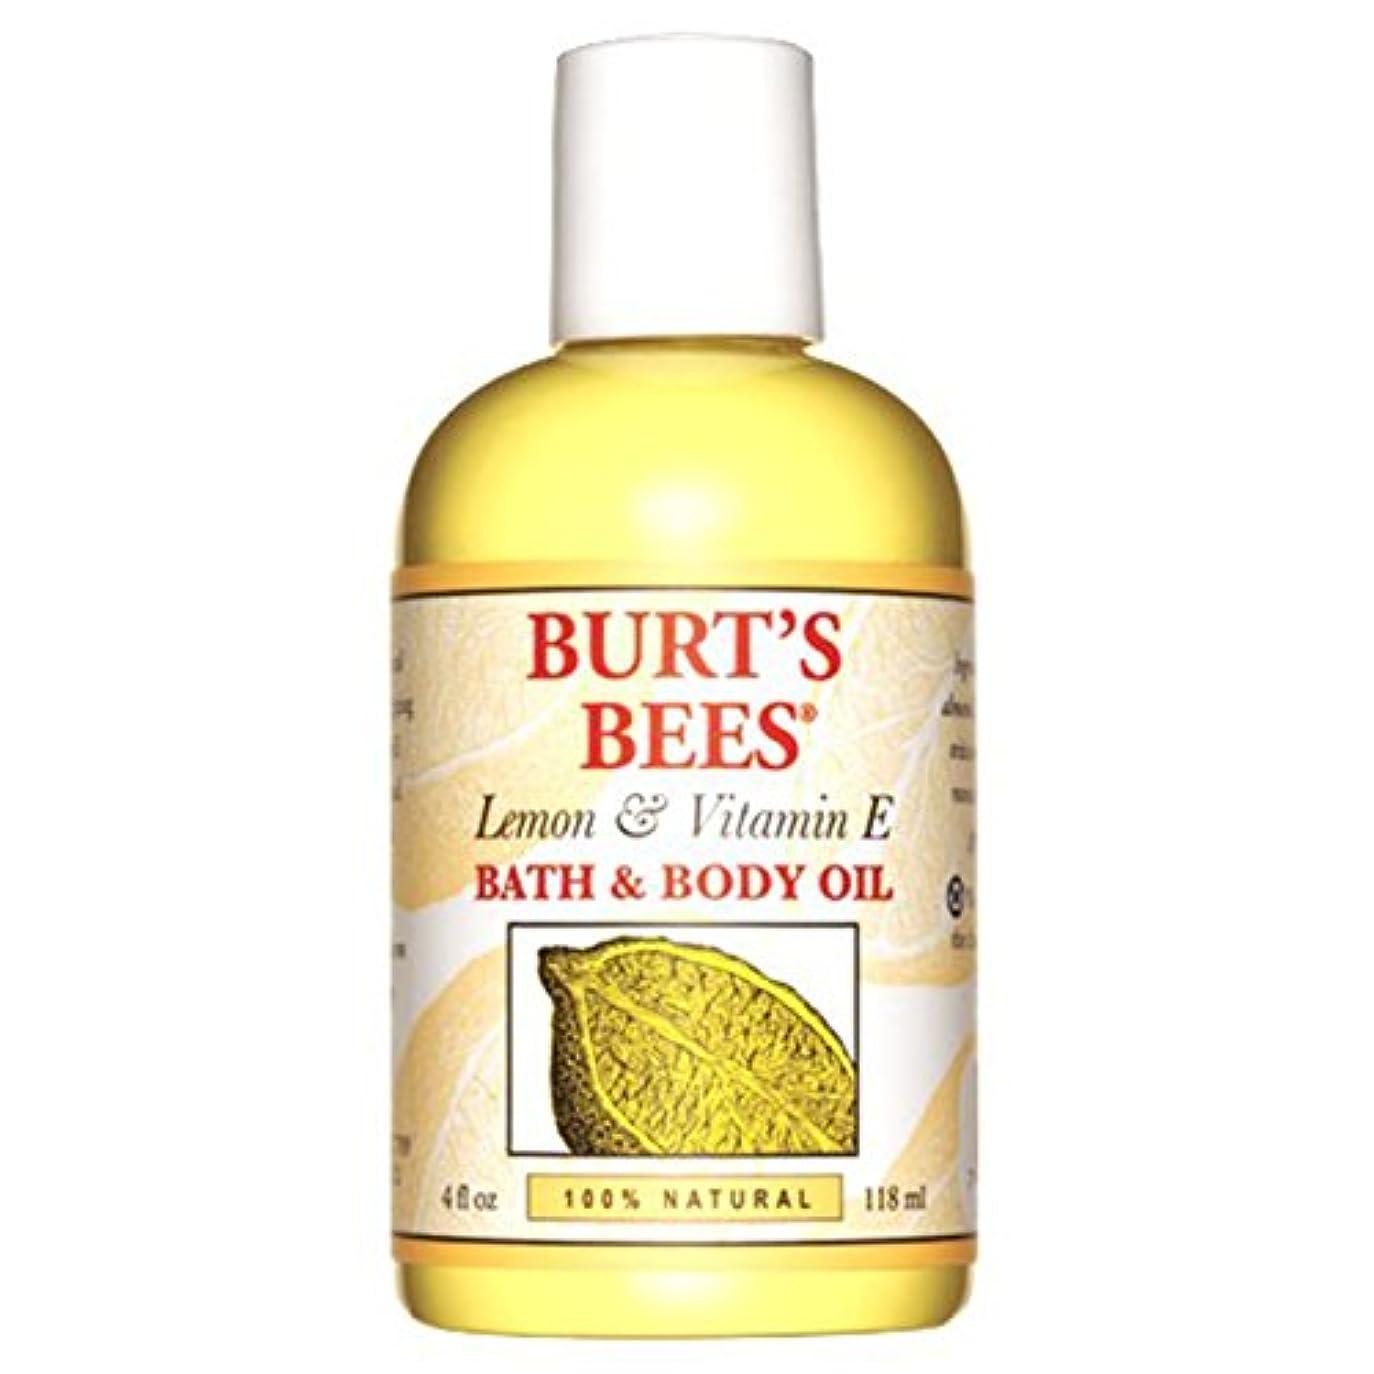 ピンチスクラップ見積りバーツビーズ (Burt's Bees) L&E バス&ボディオイル 118ml